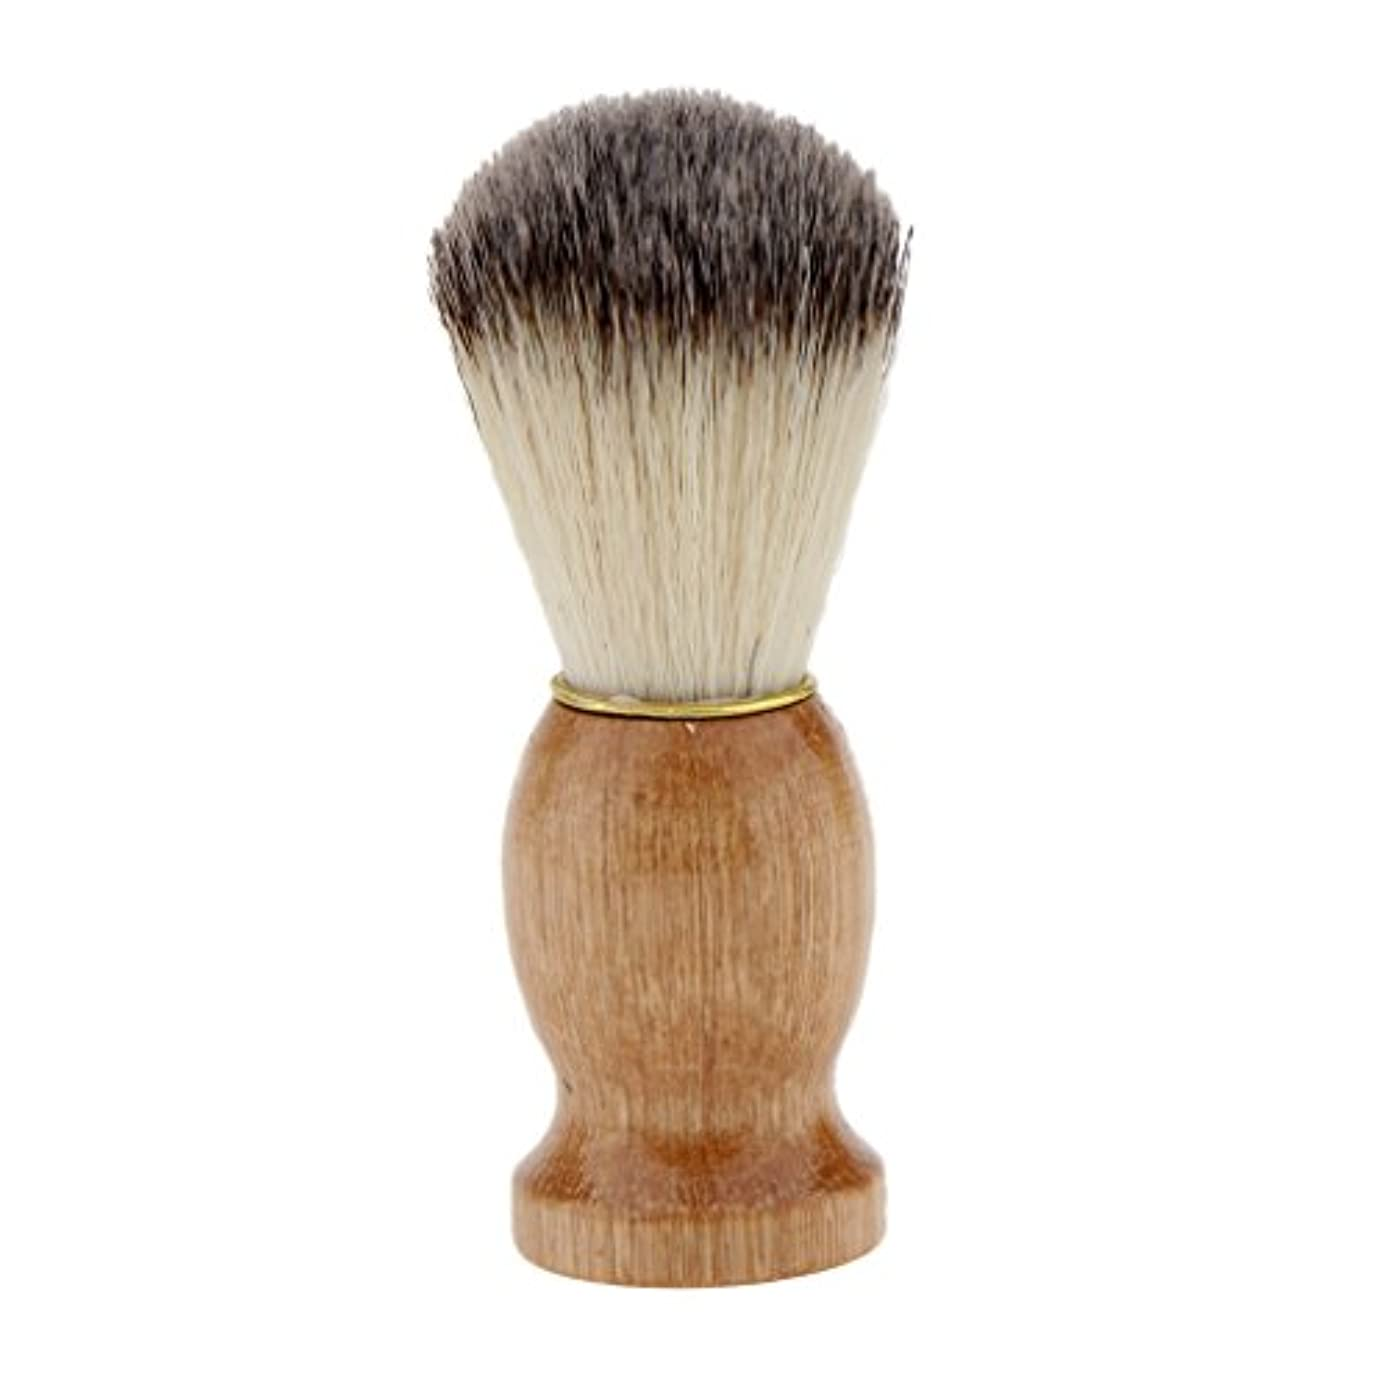 最も遠い取り除く酸化するシェービングブラシ 木製ハンドル 男性 ひげ剃りブラシ ひげ クレンジング